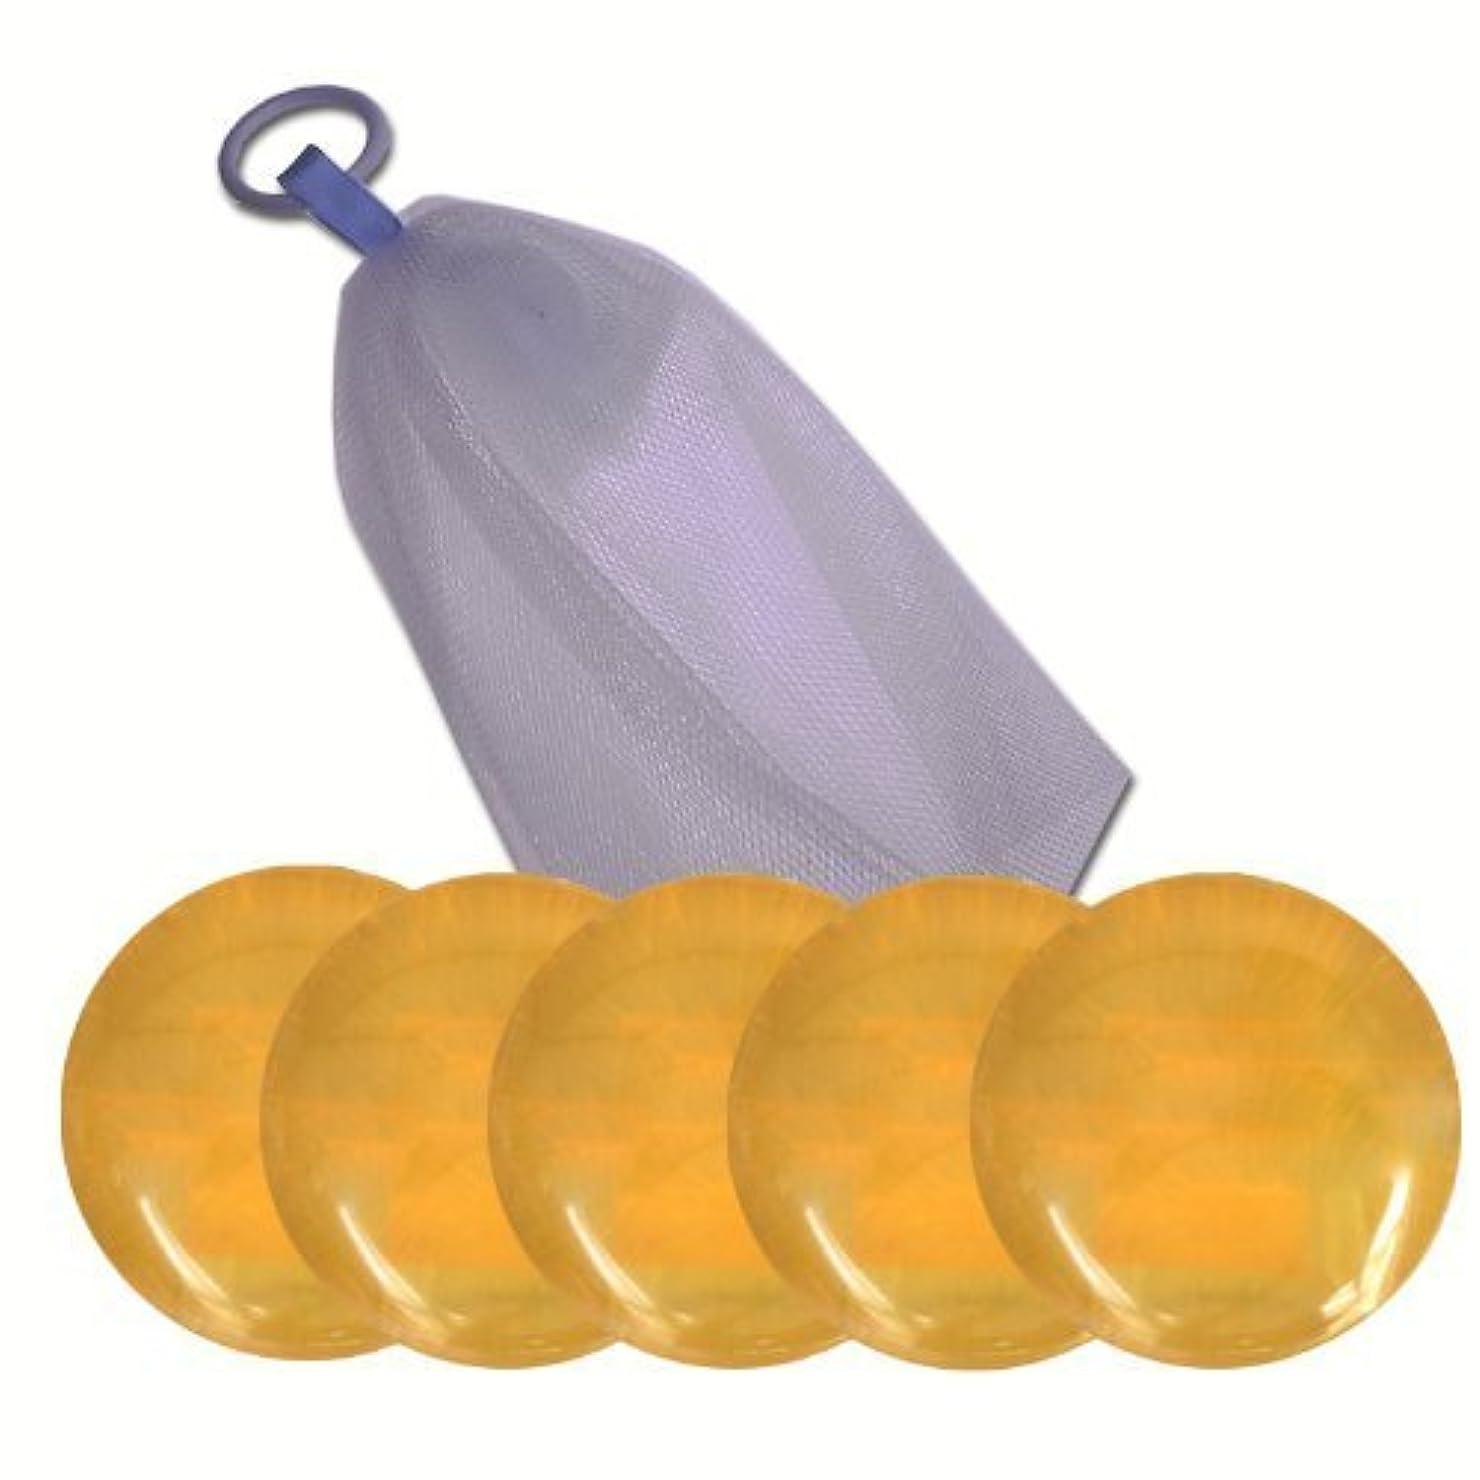 典型的なシンポジウム食品瑚泡美肌ハチミツ石けん100g×5個 (泡立てネット/使用説明書付き)